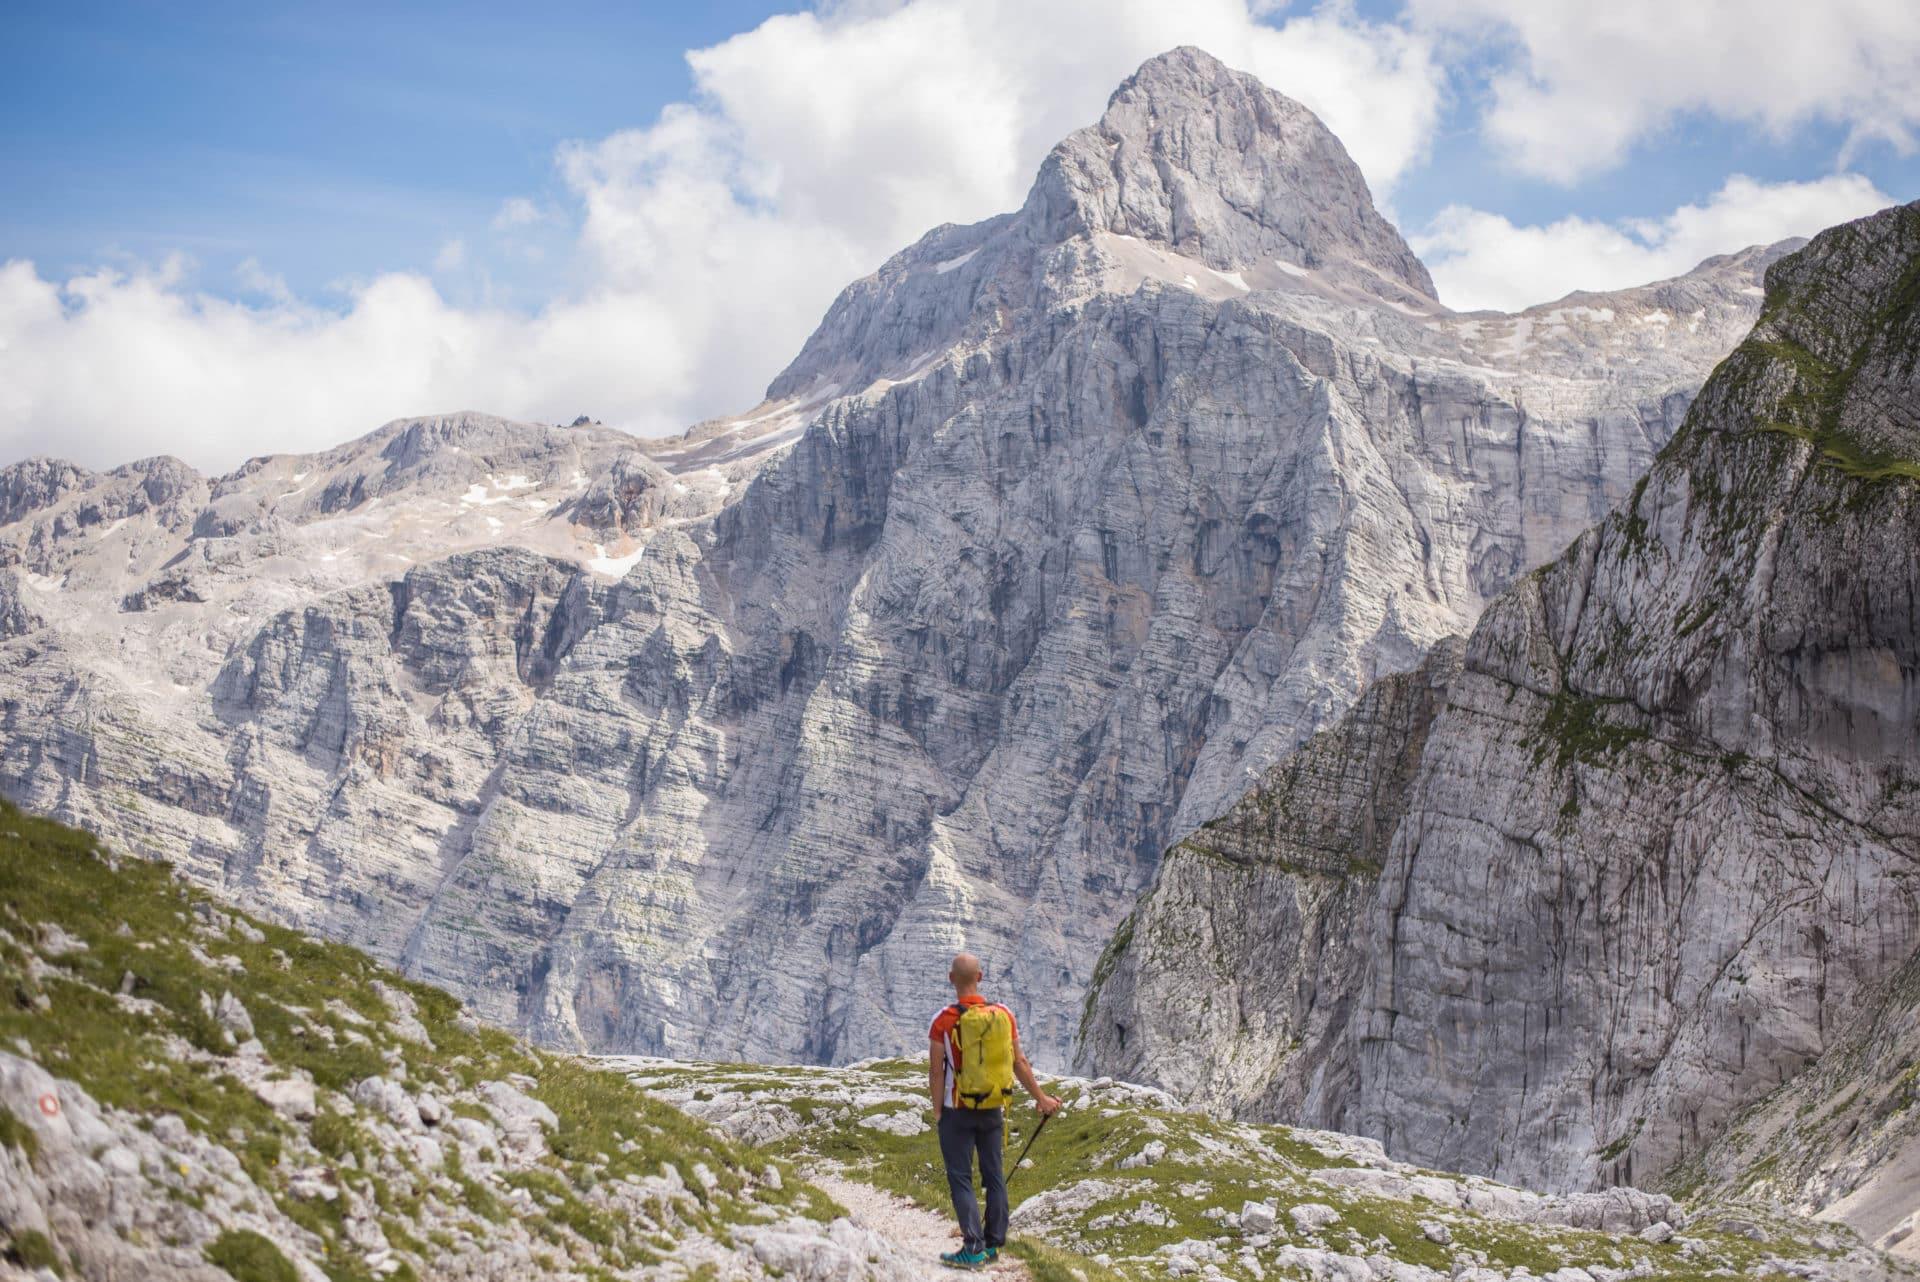 Mount Triglav, Slovenia 2-day guided climb